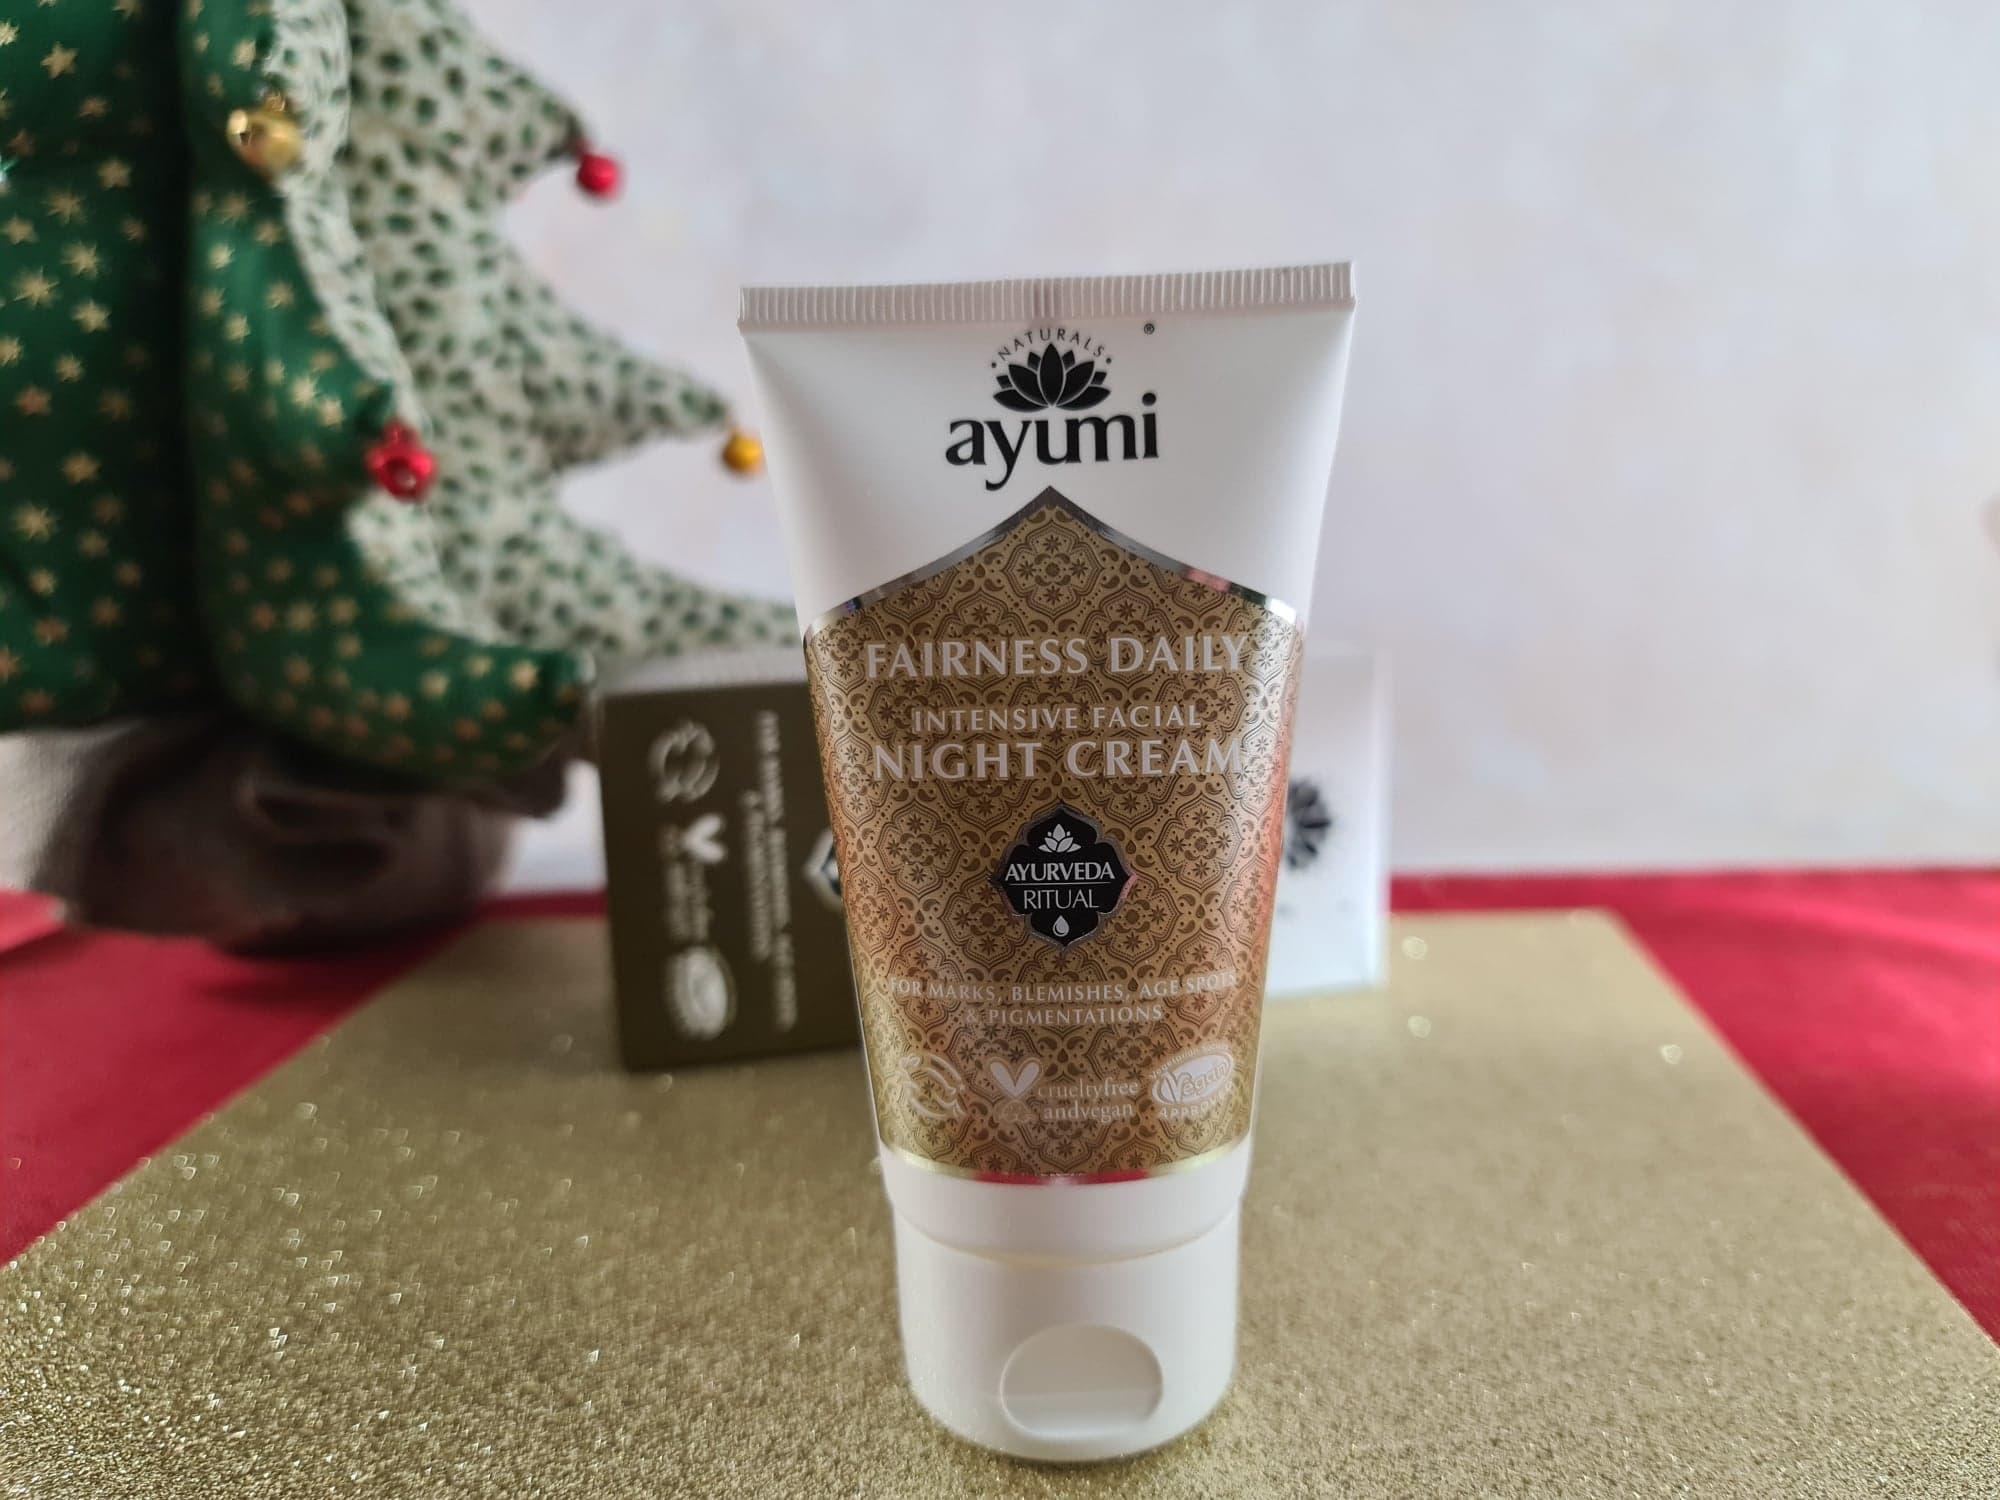 Ayumi Fairness Daily Night Cream